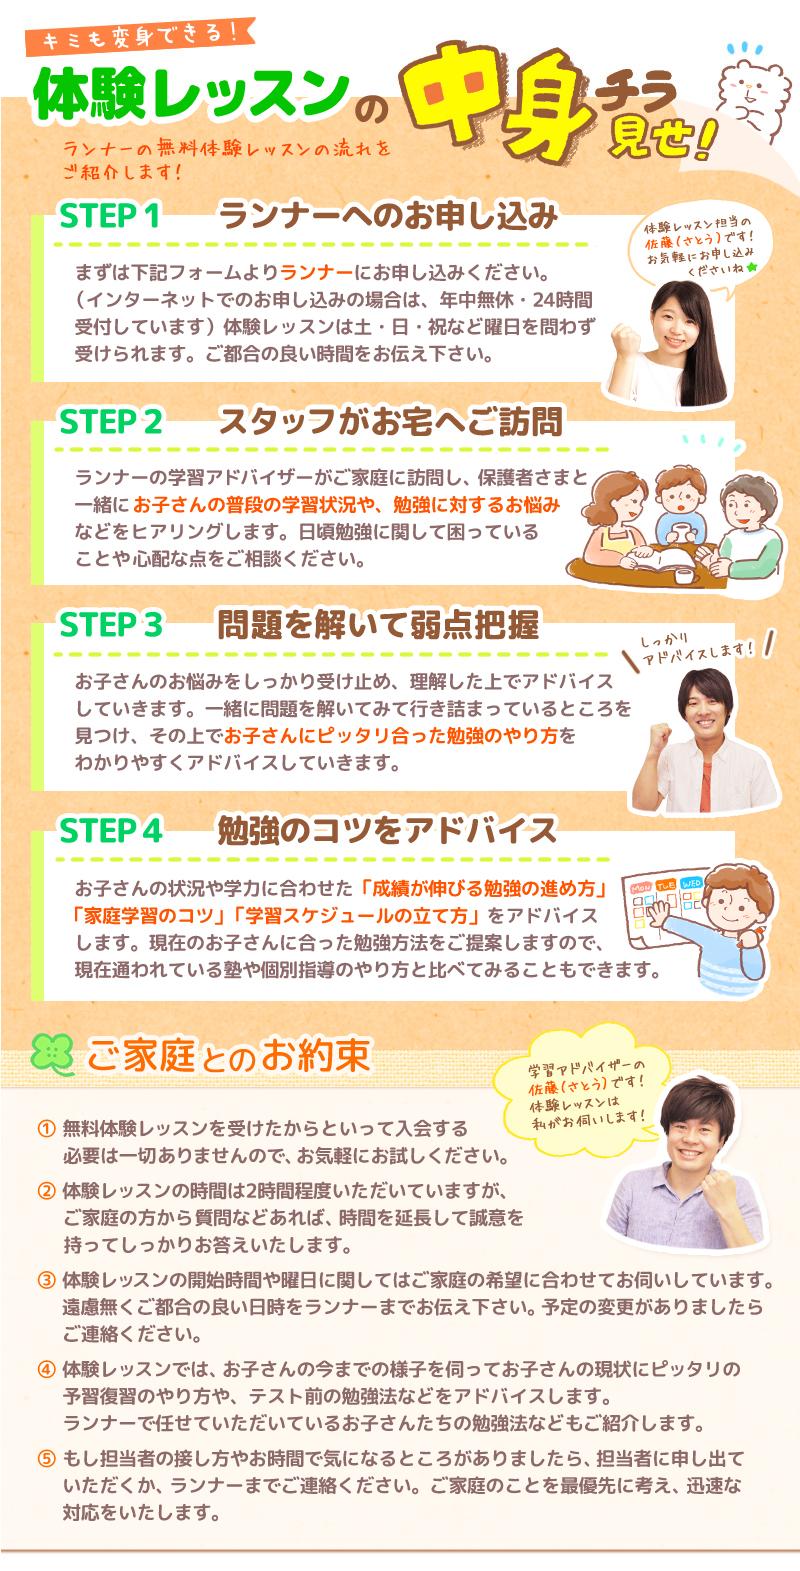 (東区のお客様のページ)勉強のコツをアドバイス